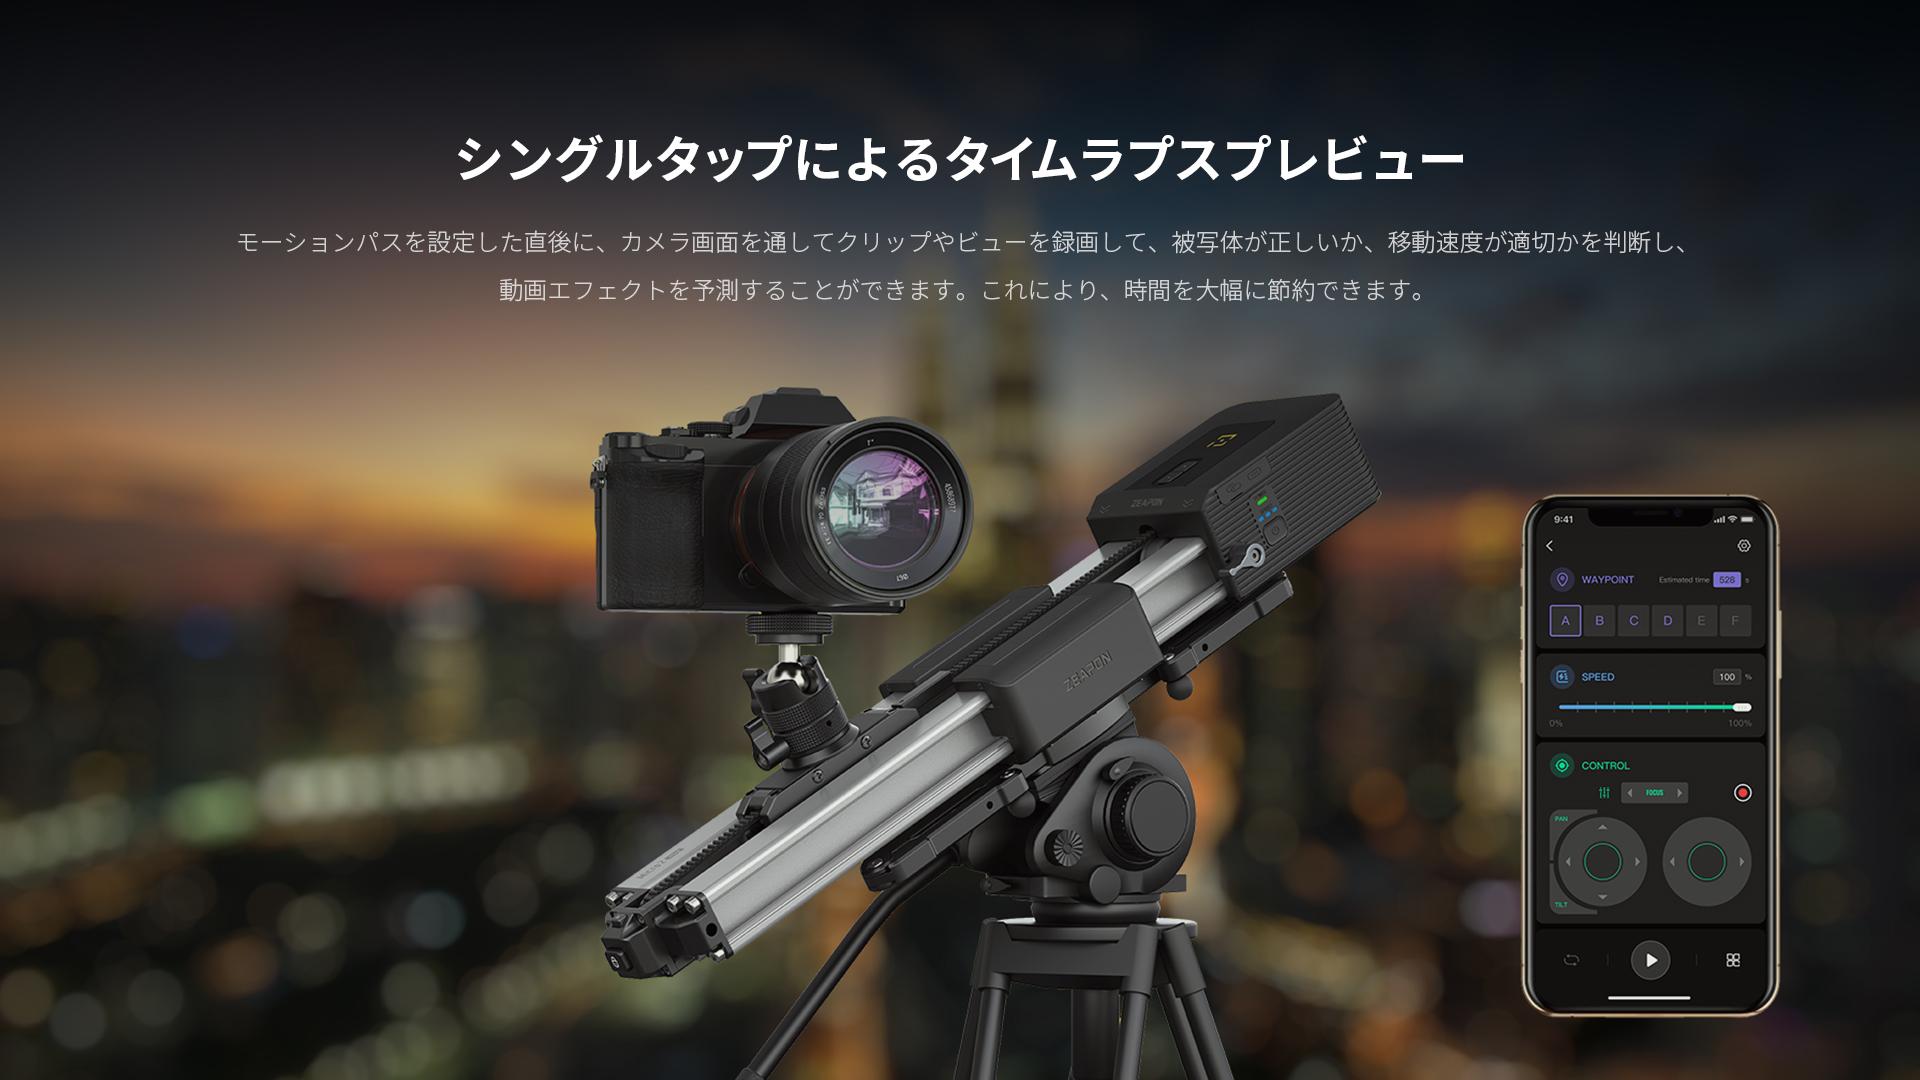 シングルタップによるタイムラプスプレビュー モーションパスを設定した直後に、カメラ画面を通してクリップやビューを録画して、被写体が正しいか、移動速度が適切かを判断し、 動画エフェクトを予測することができます。これにより、時間を大幅に節約できます。